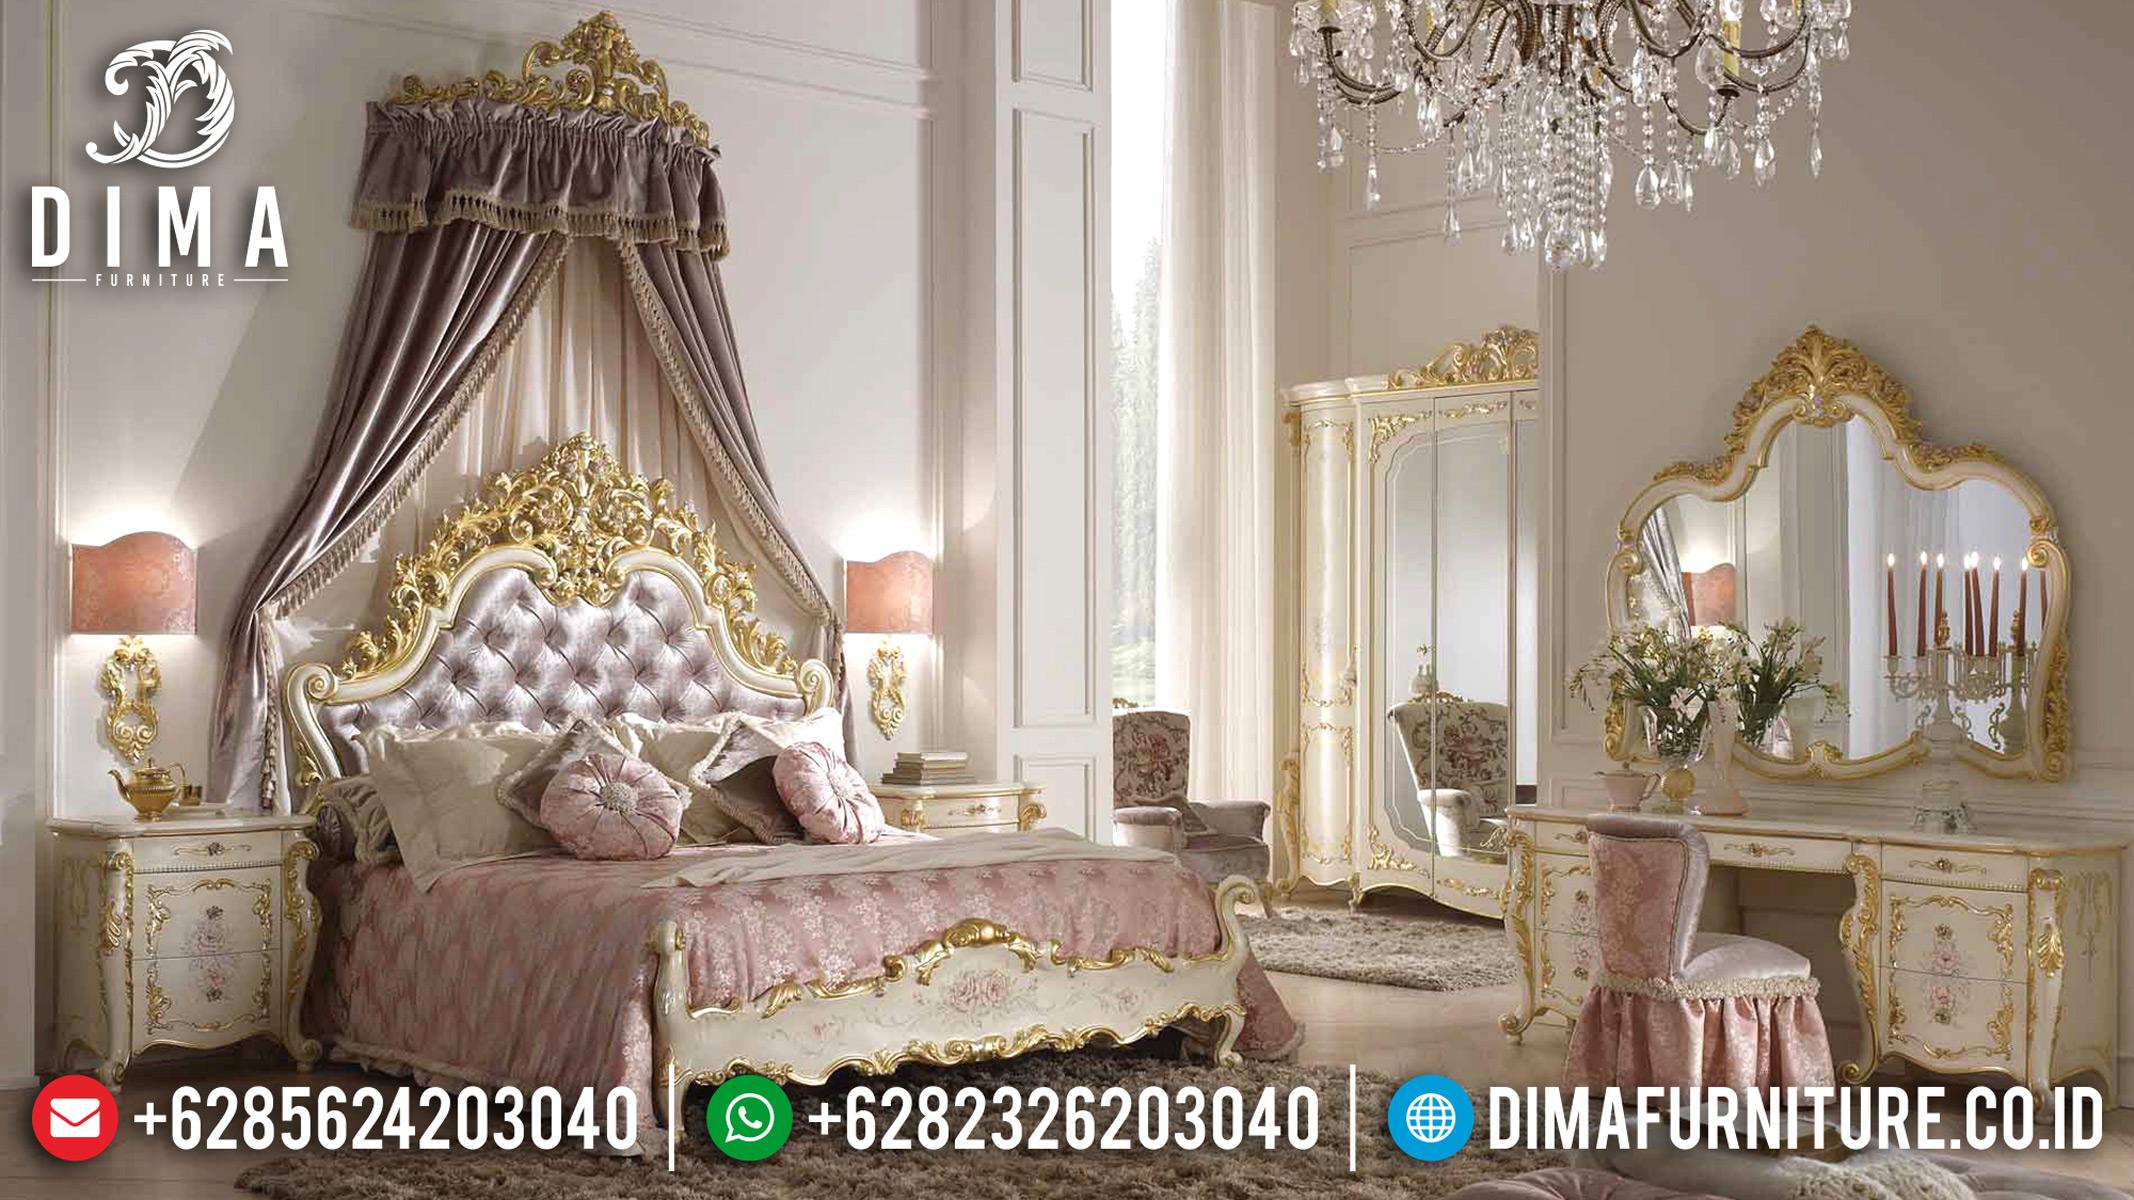 20+ Tempat Tidur Jepara Mewah Dan Minimalis Pilihan Tahun 2019 023 Dima Furniture Jepara